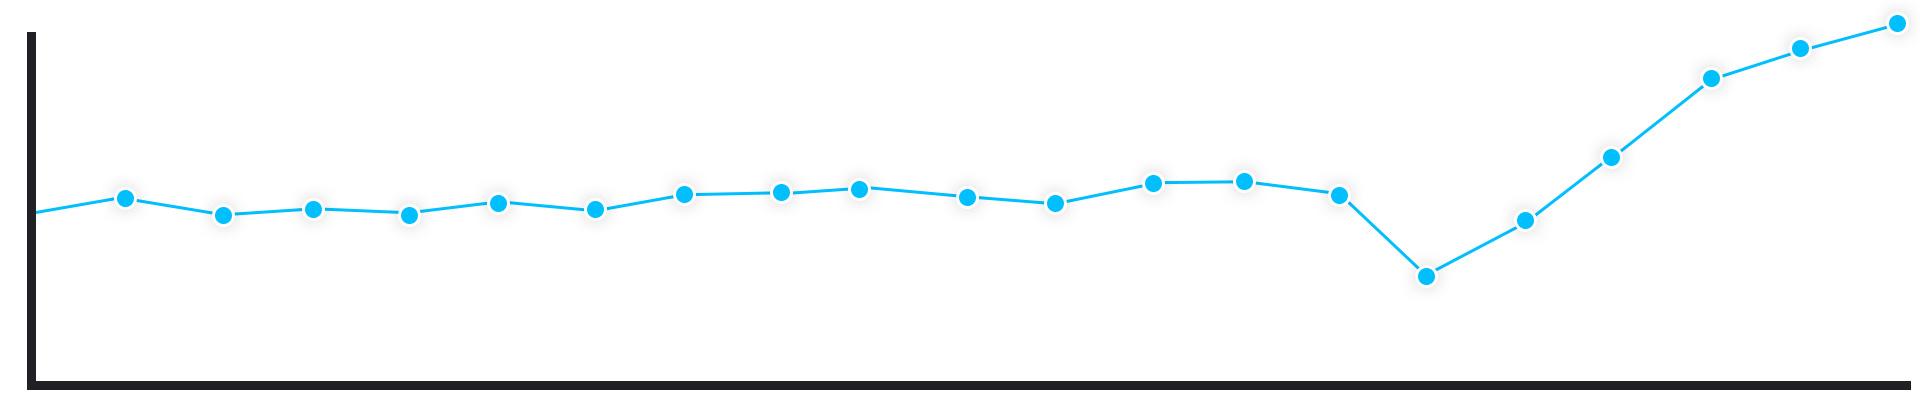 wykres top 3